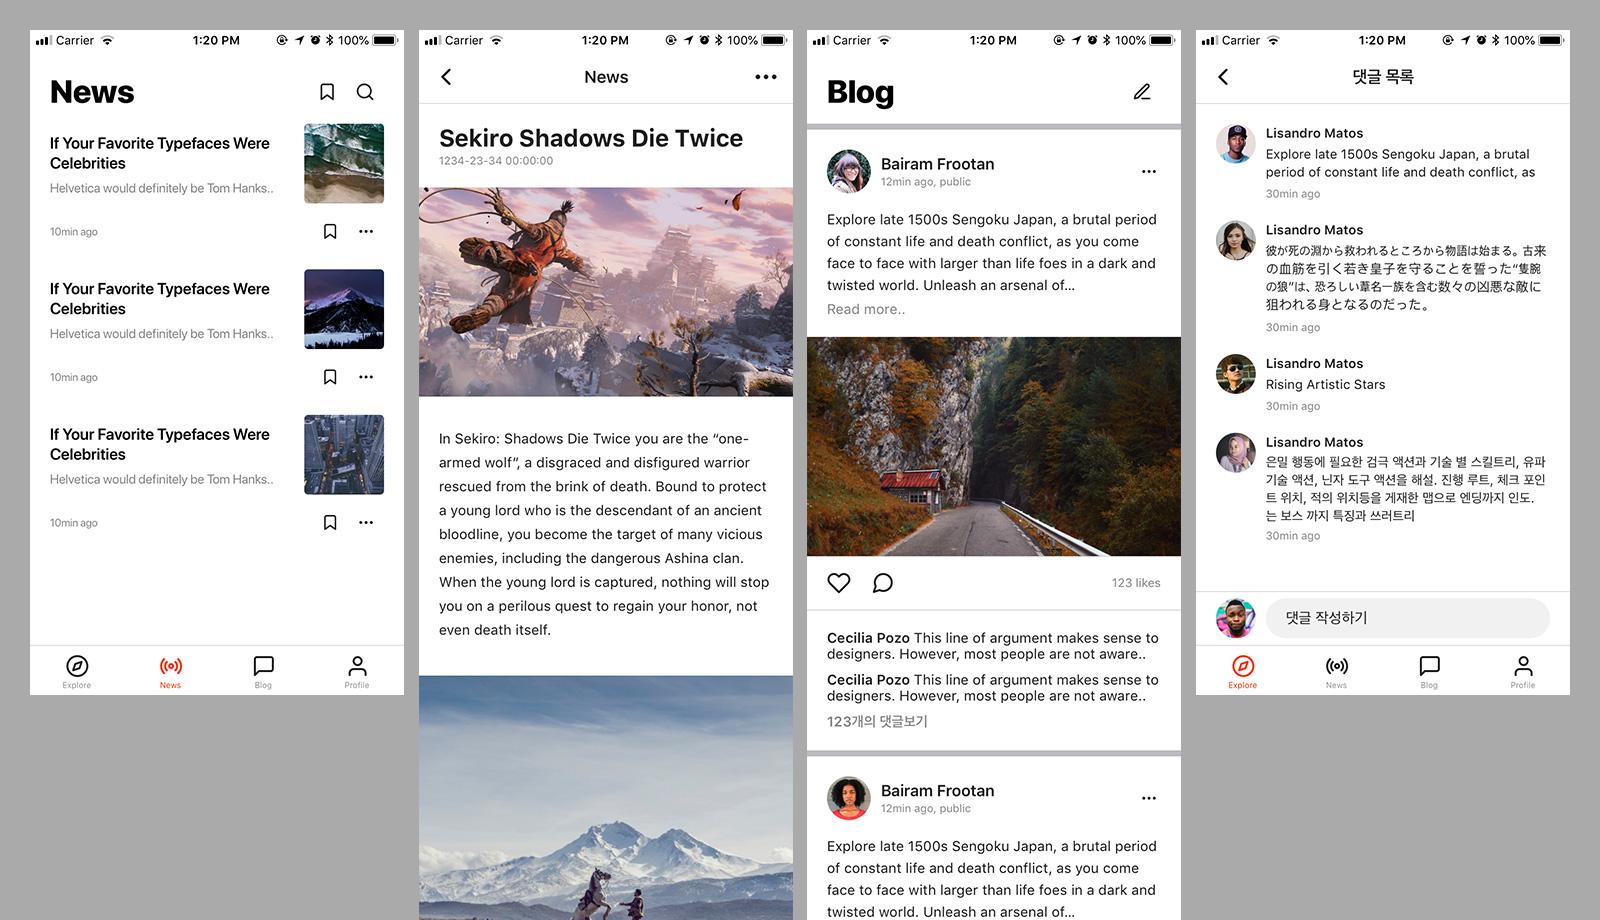 bbuzzart-2019-app-011.jpg